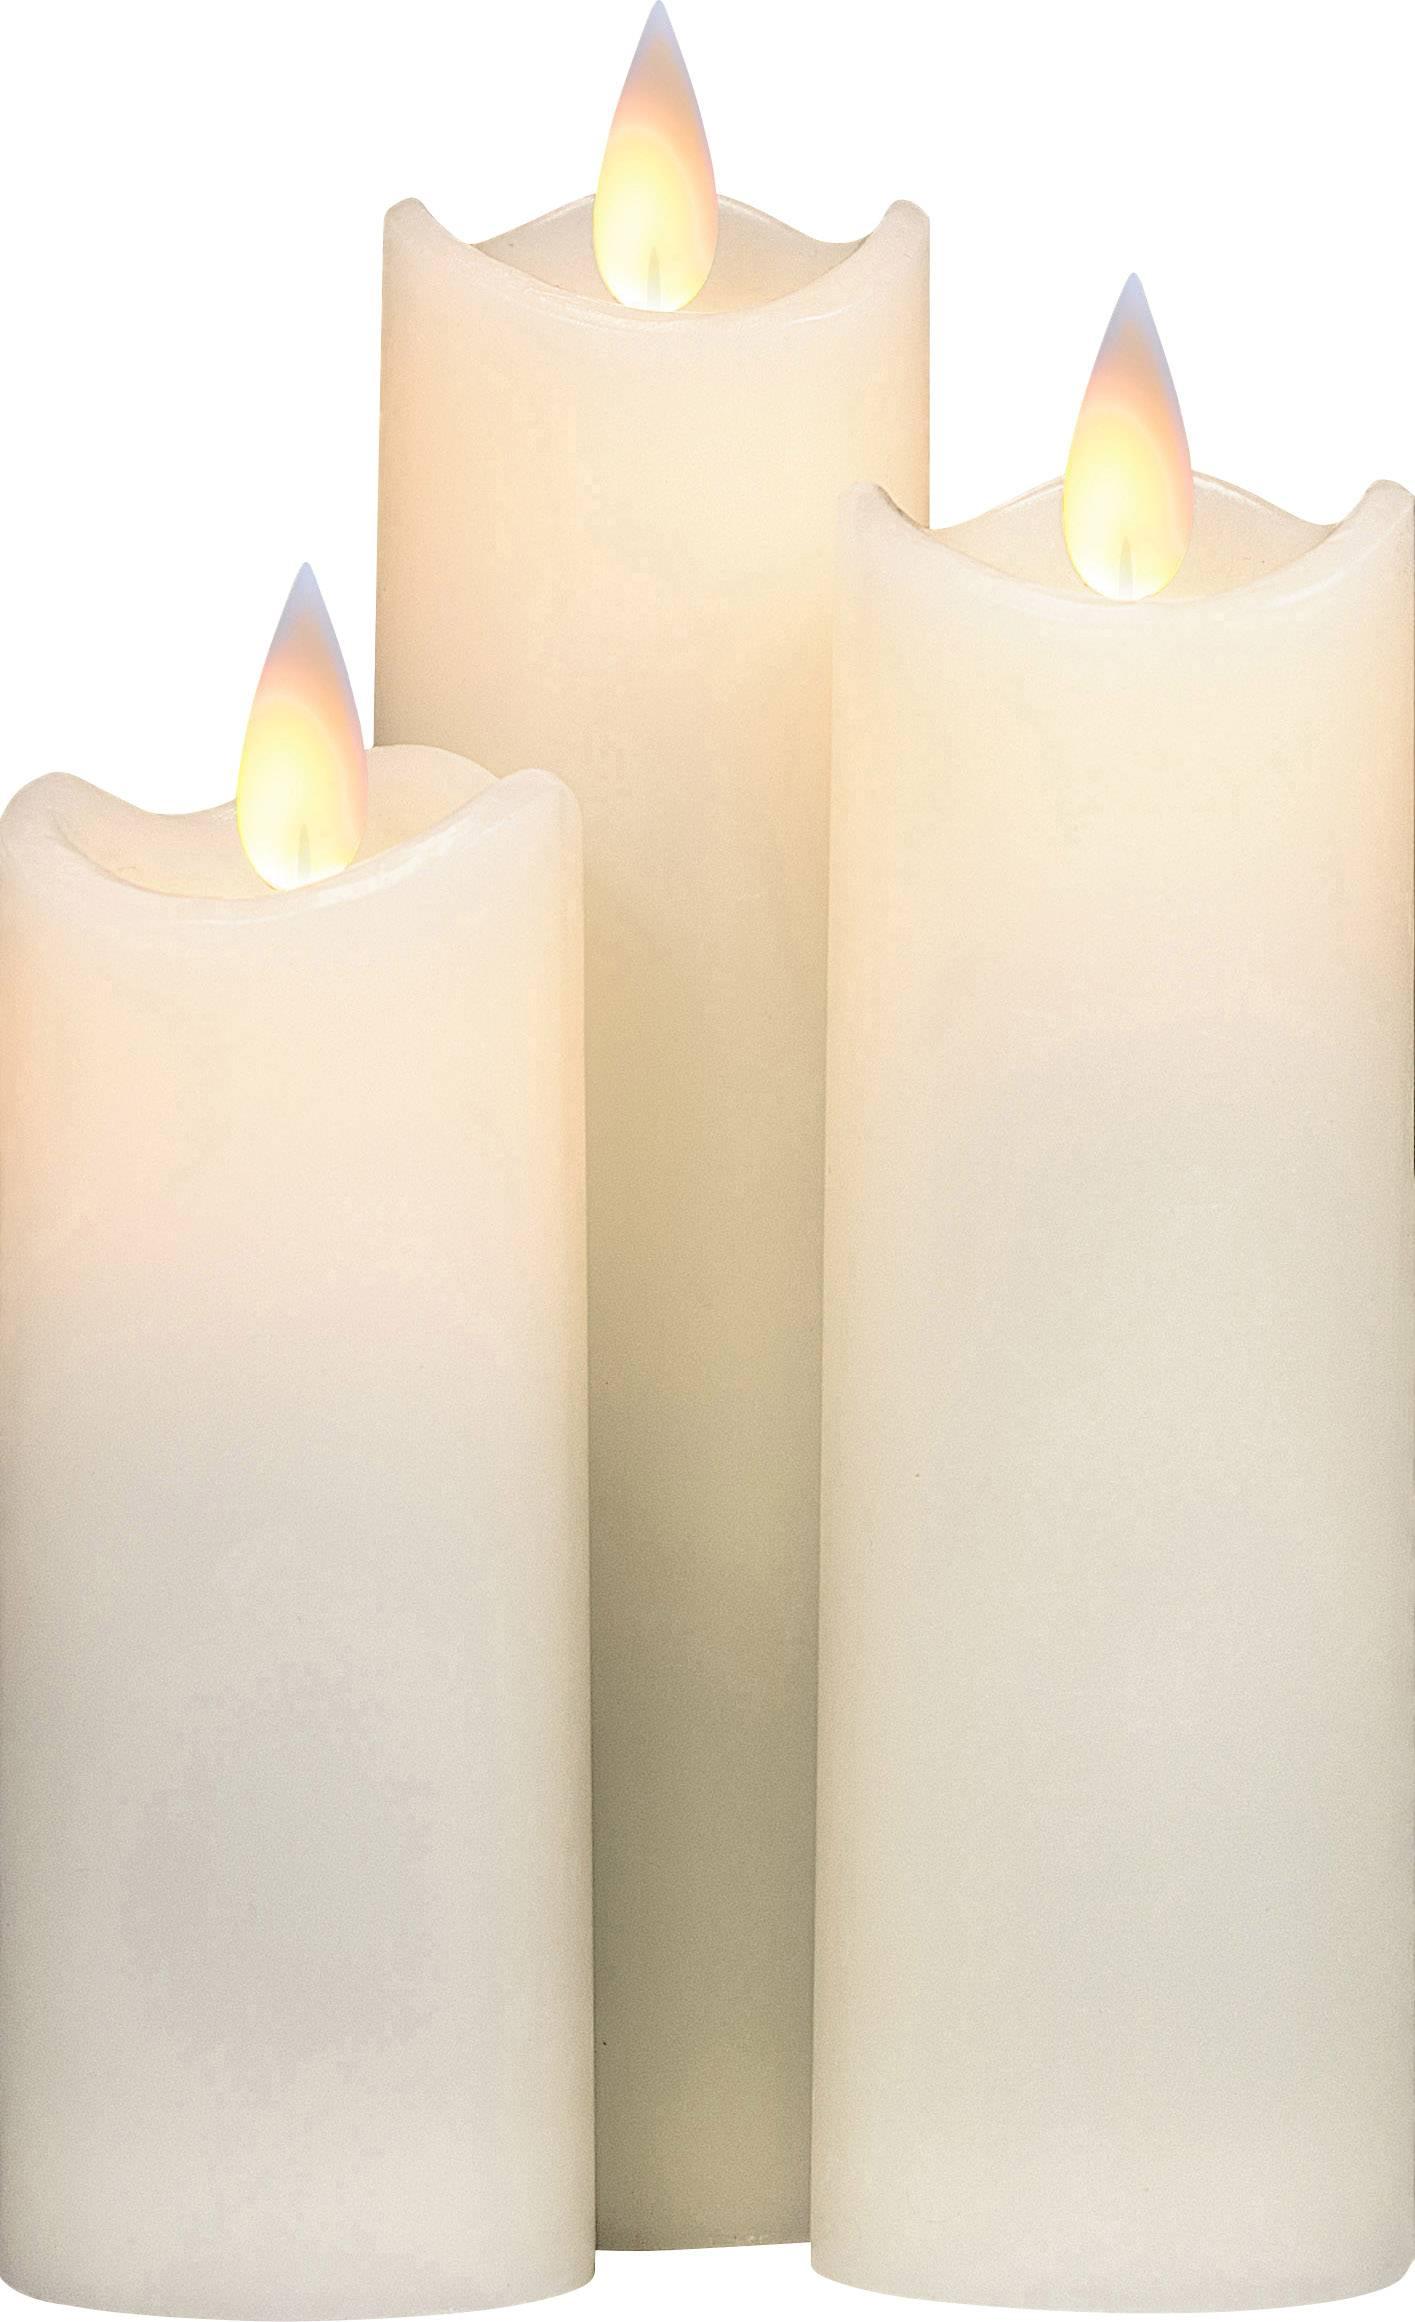 LED vosková svíčka Polarlite vnitřní, slonová kost, 1 ks